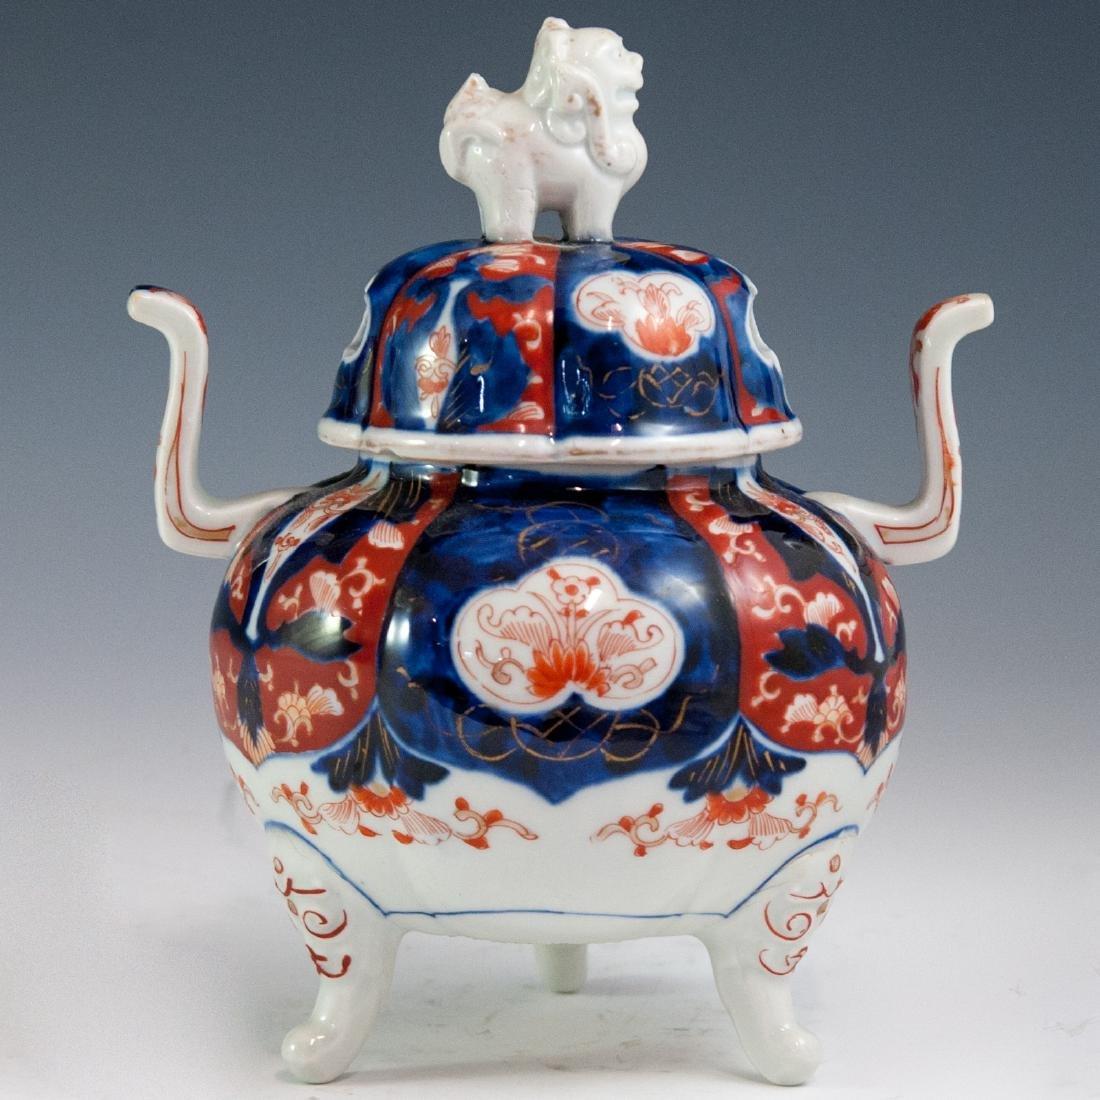 Japanese Imari Porcelain Koro Censer